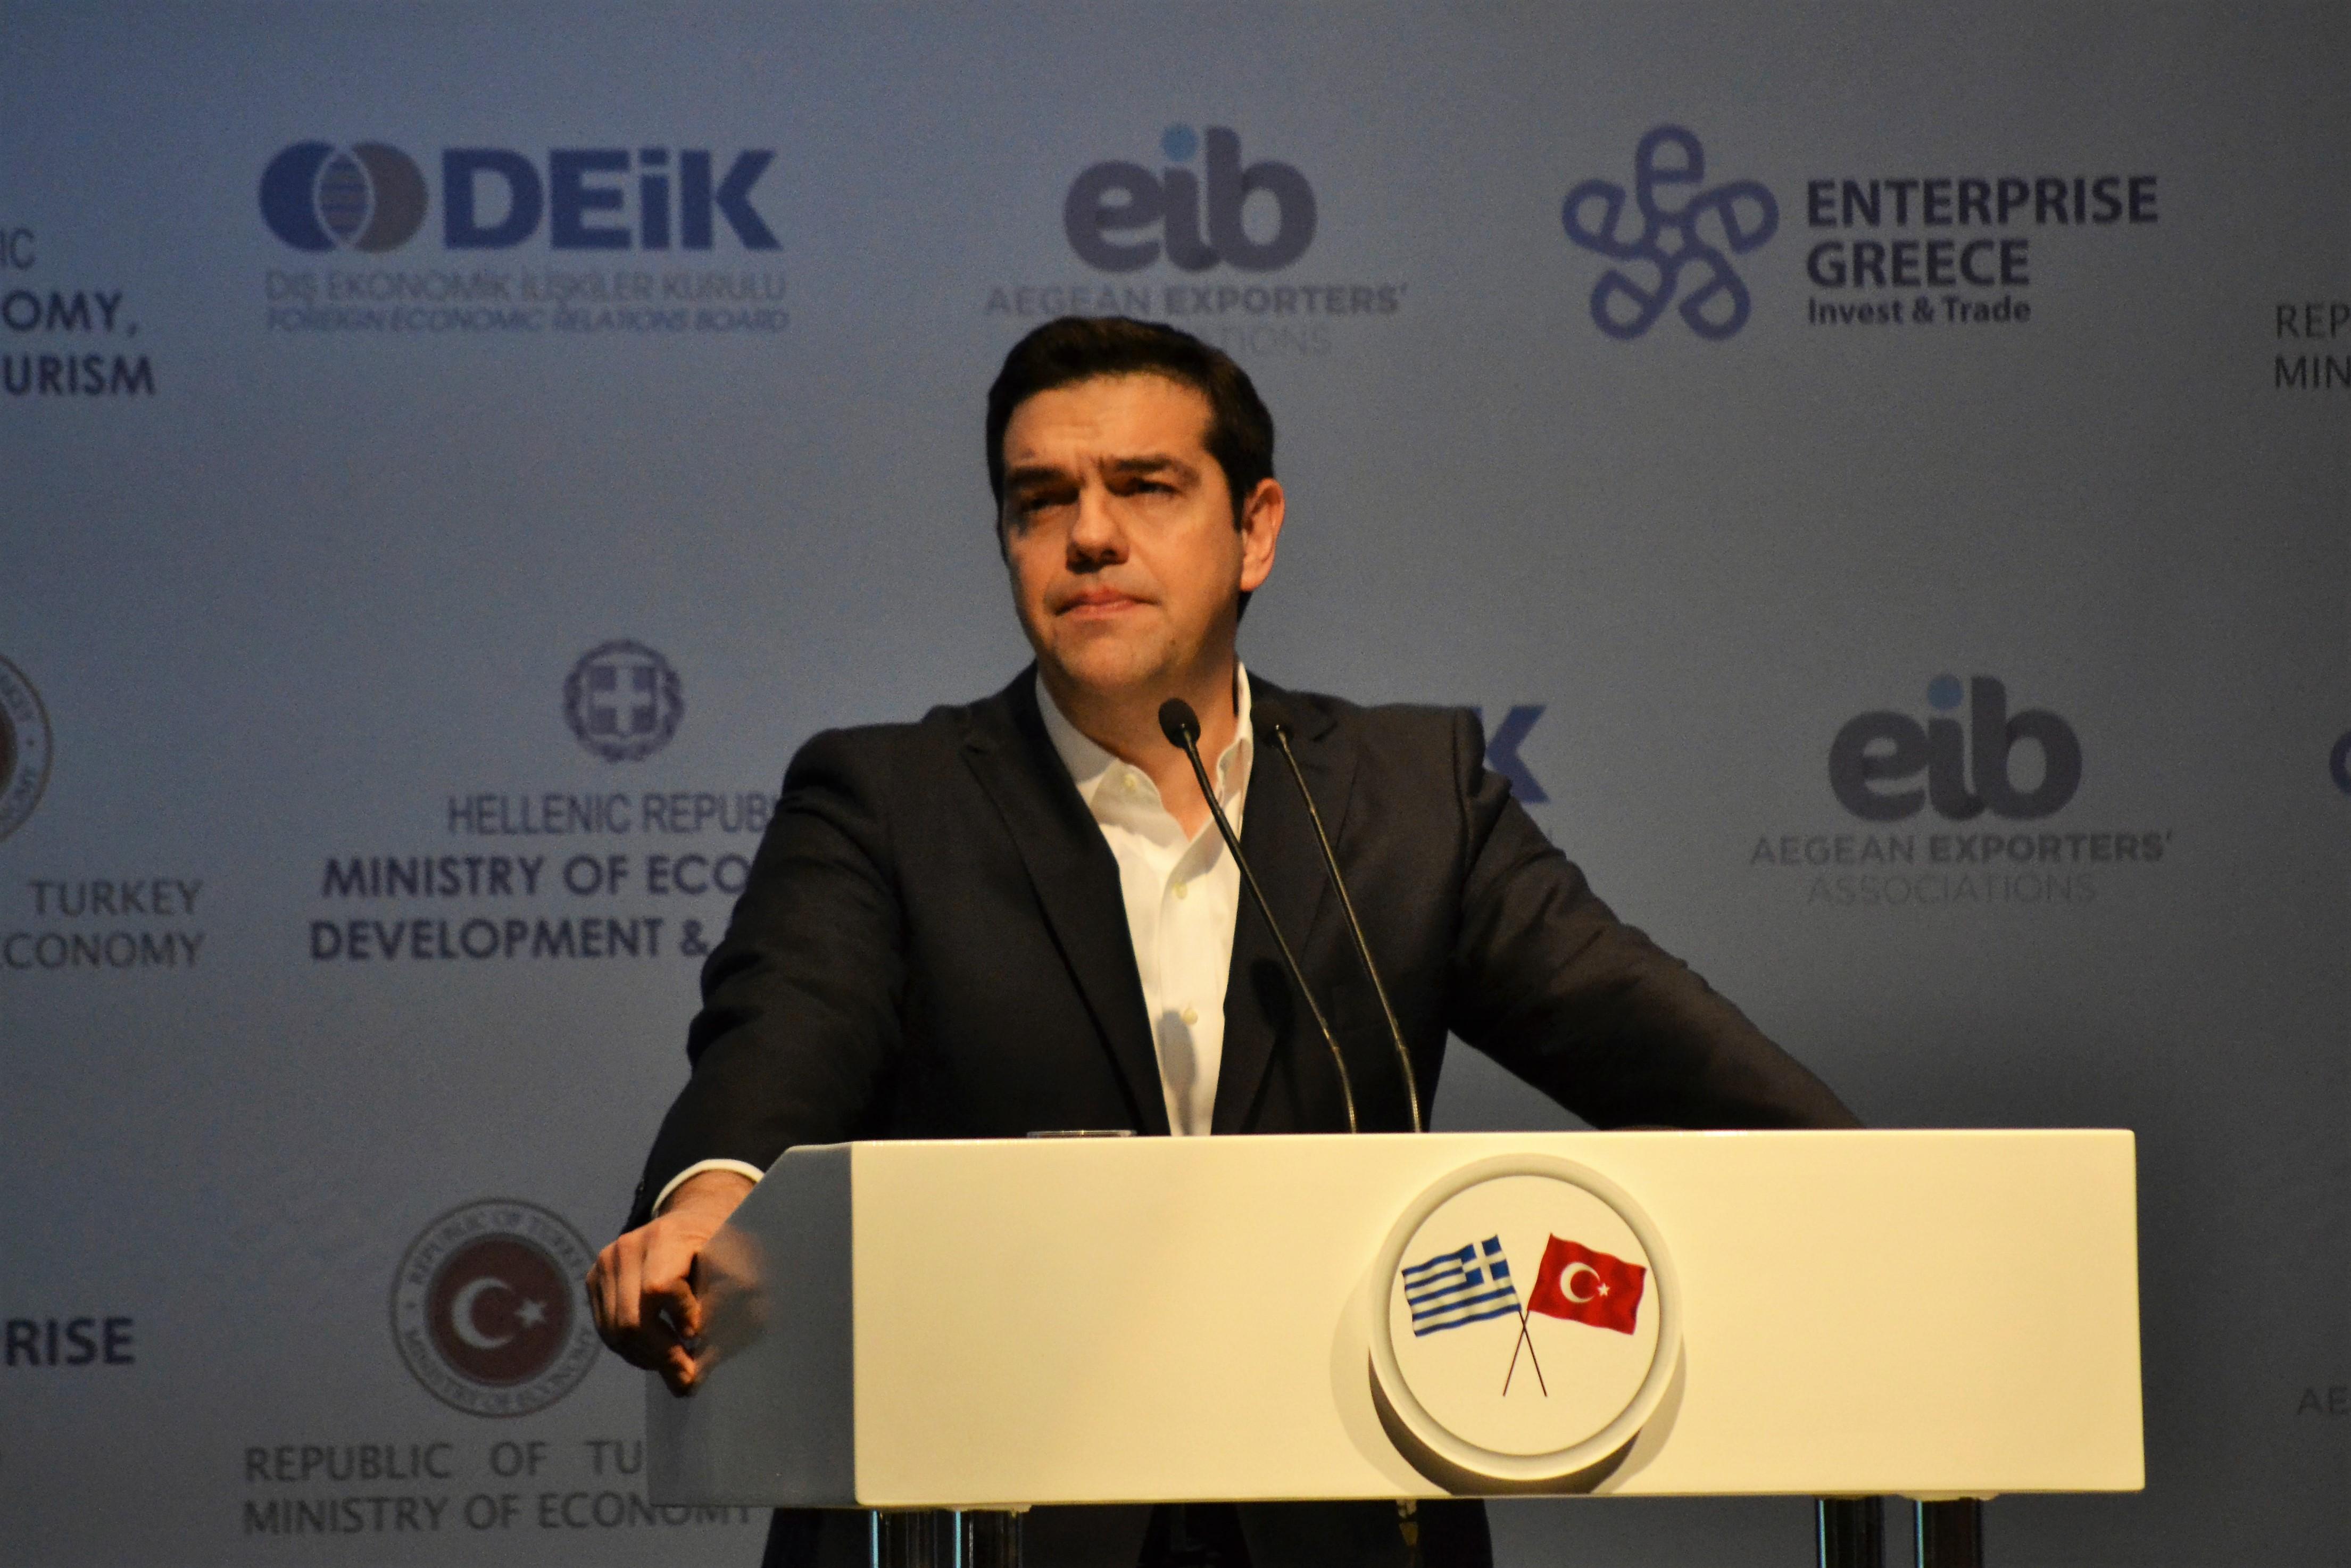 Tsipras preparing surprising changes